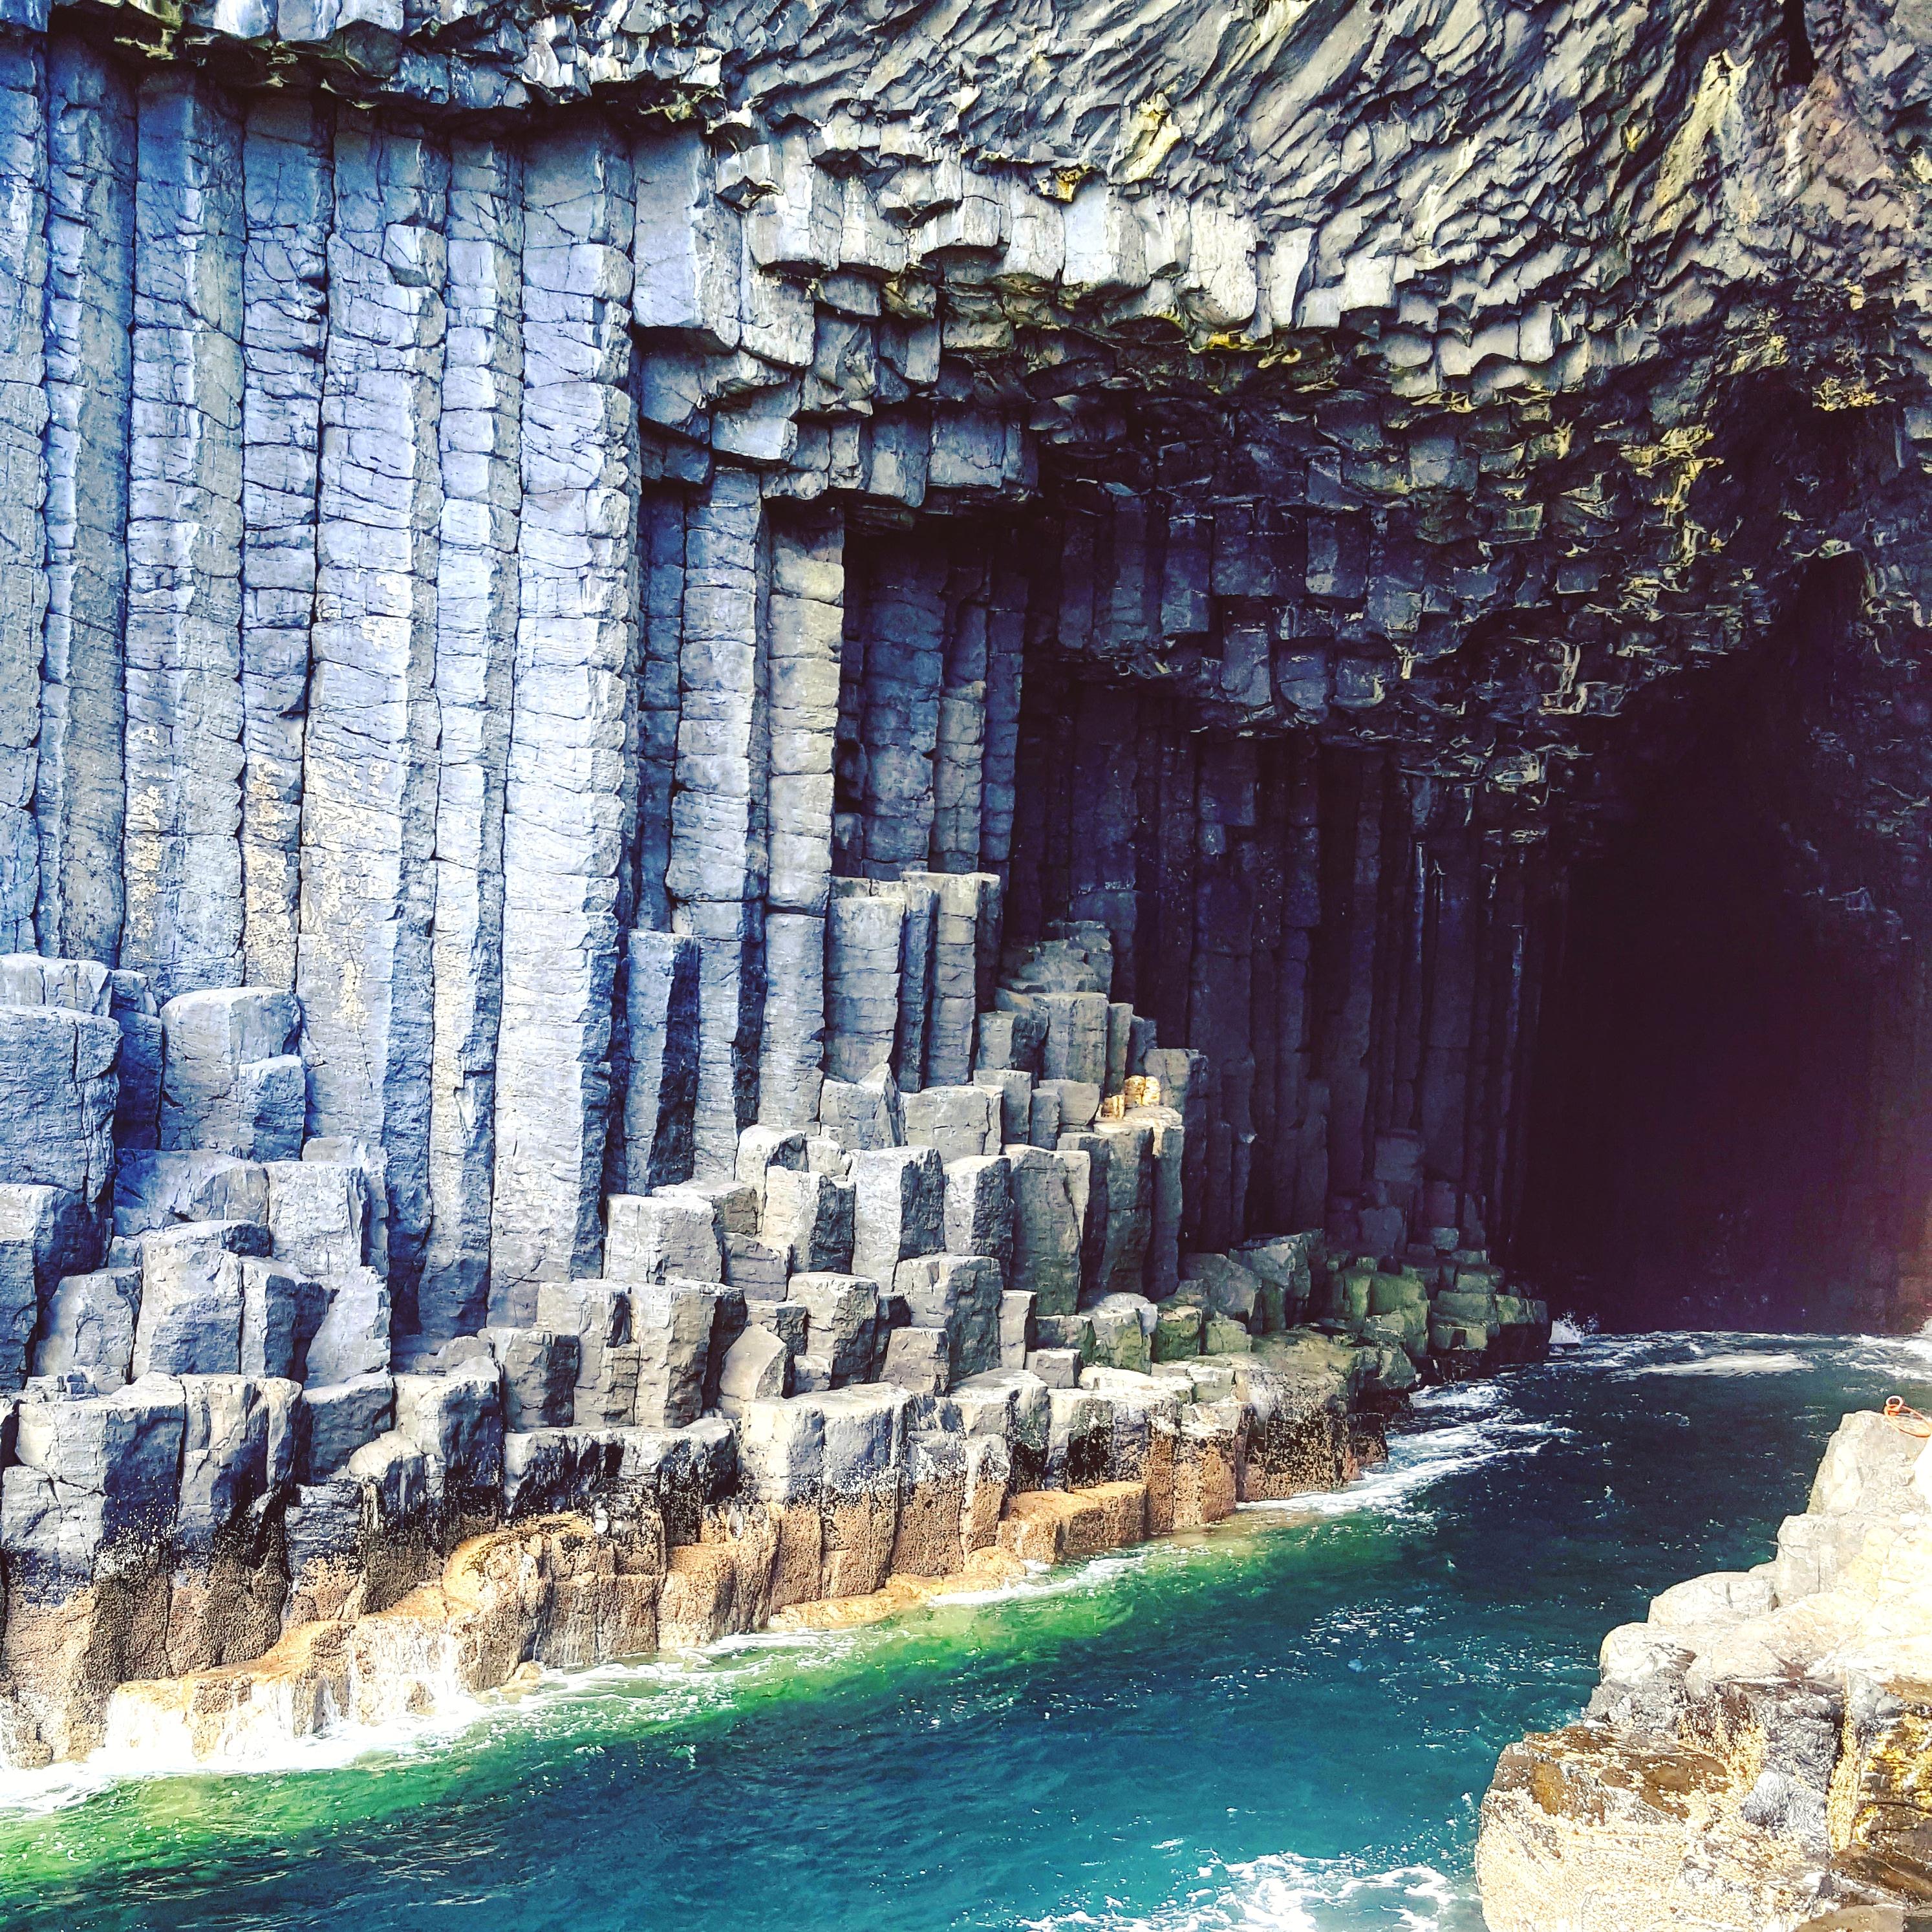 Fingal's Cave Staffa - The Last Krystallos